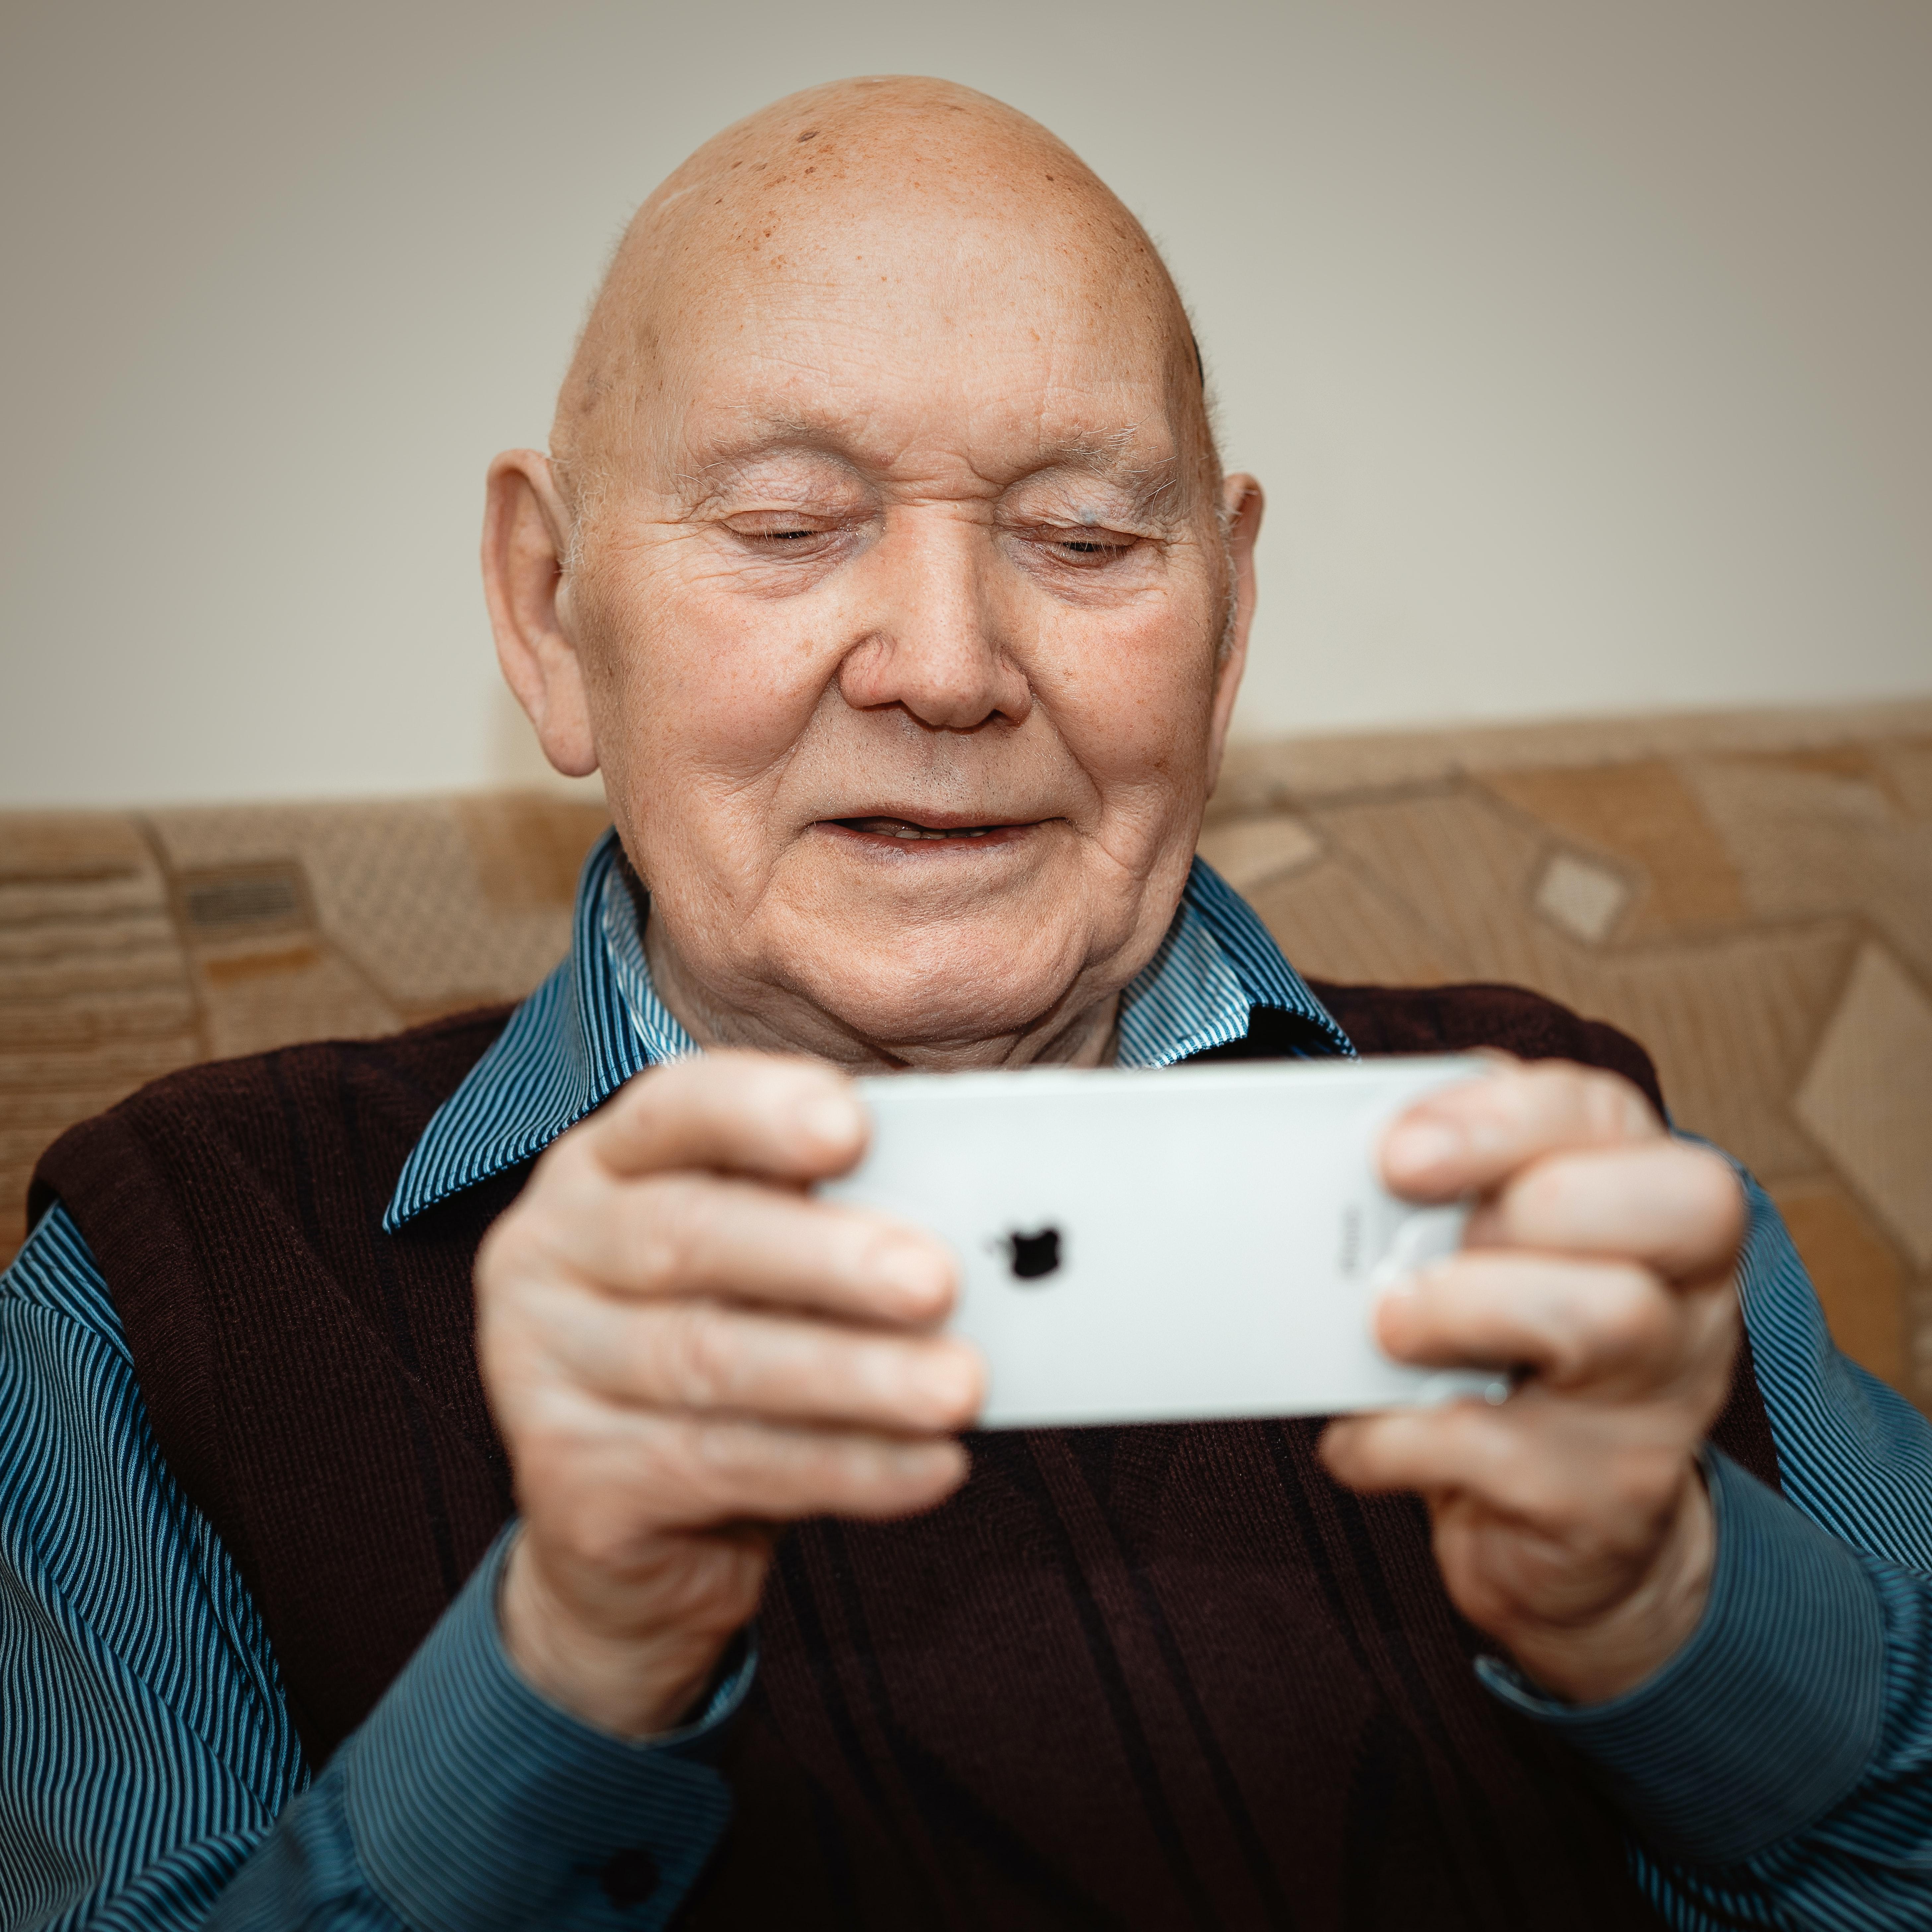 2021 Lion SEN - Ein Senior, der aufgrund der Schulung ein Smartphone sicher bedient